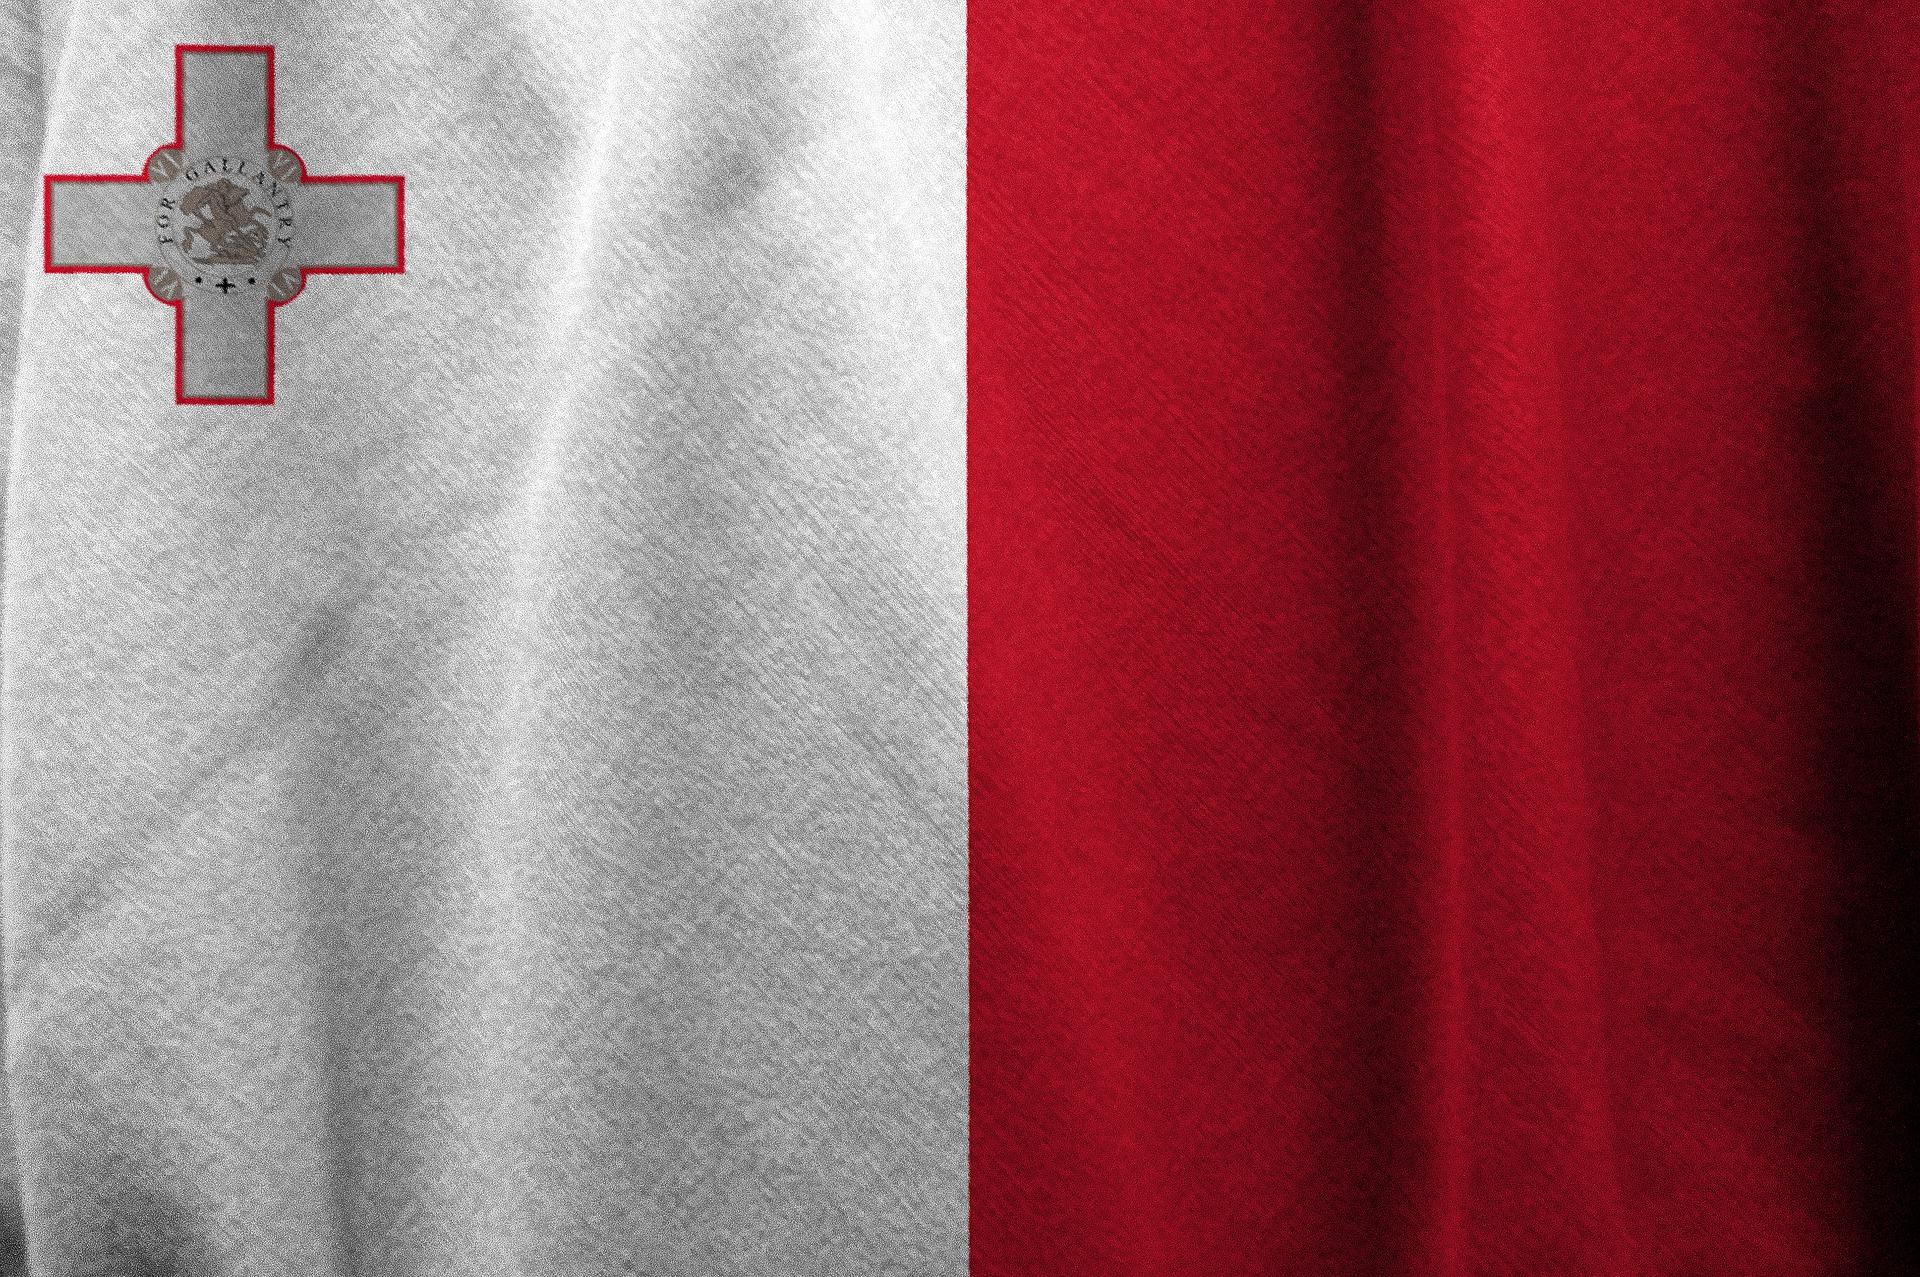 Trademark registration Malta